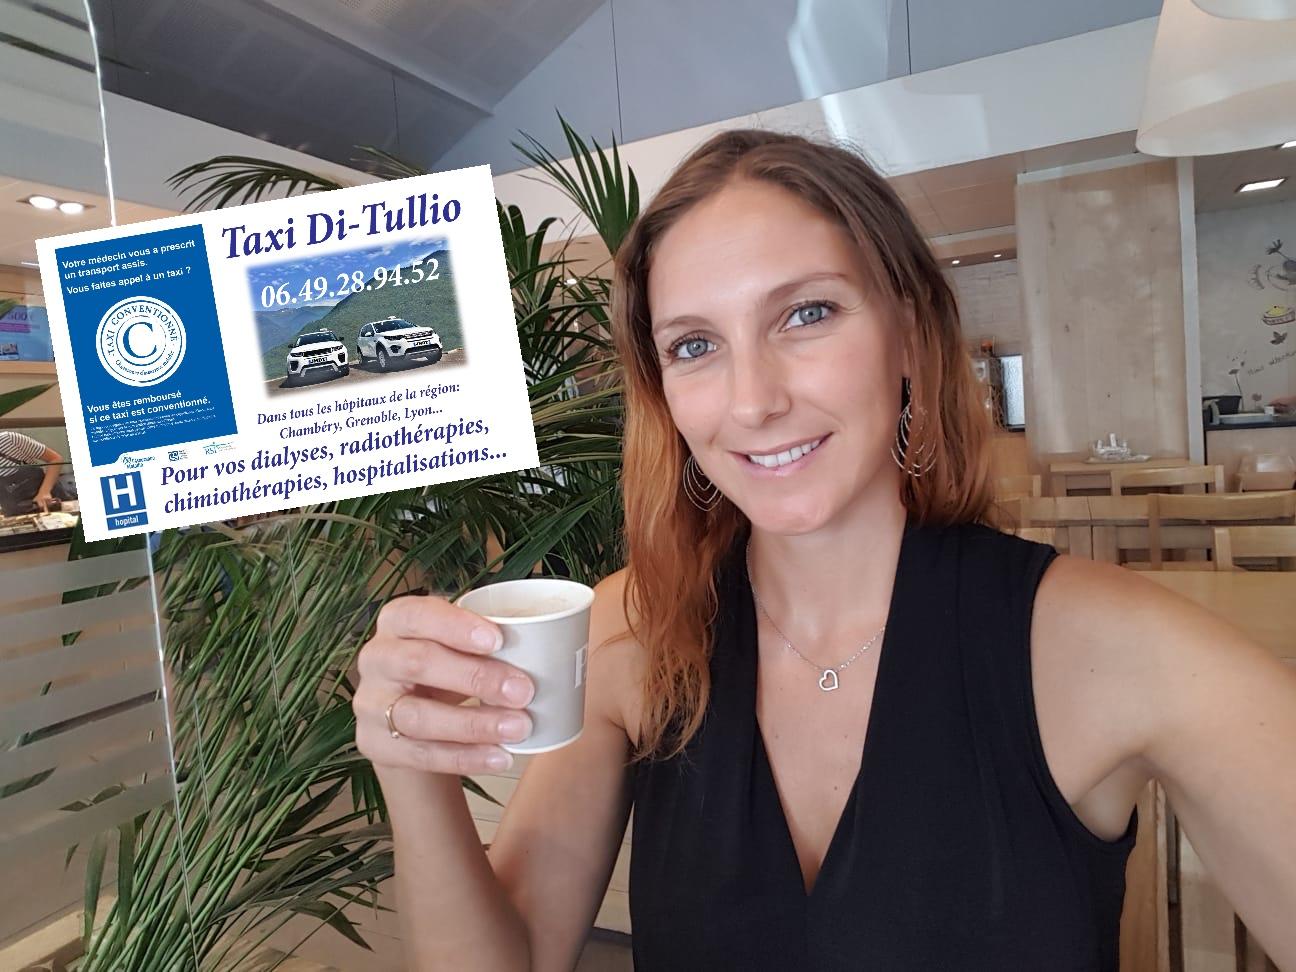 Taxis Di Tullio: 06.49.28.94.52.